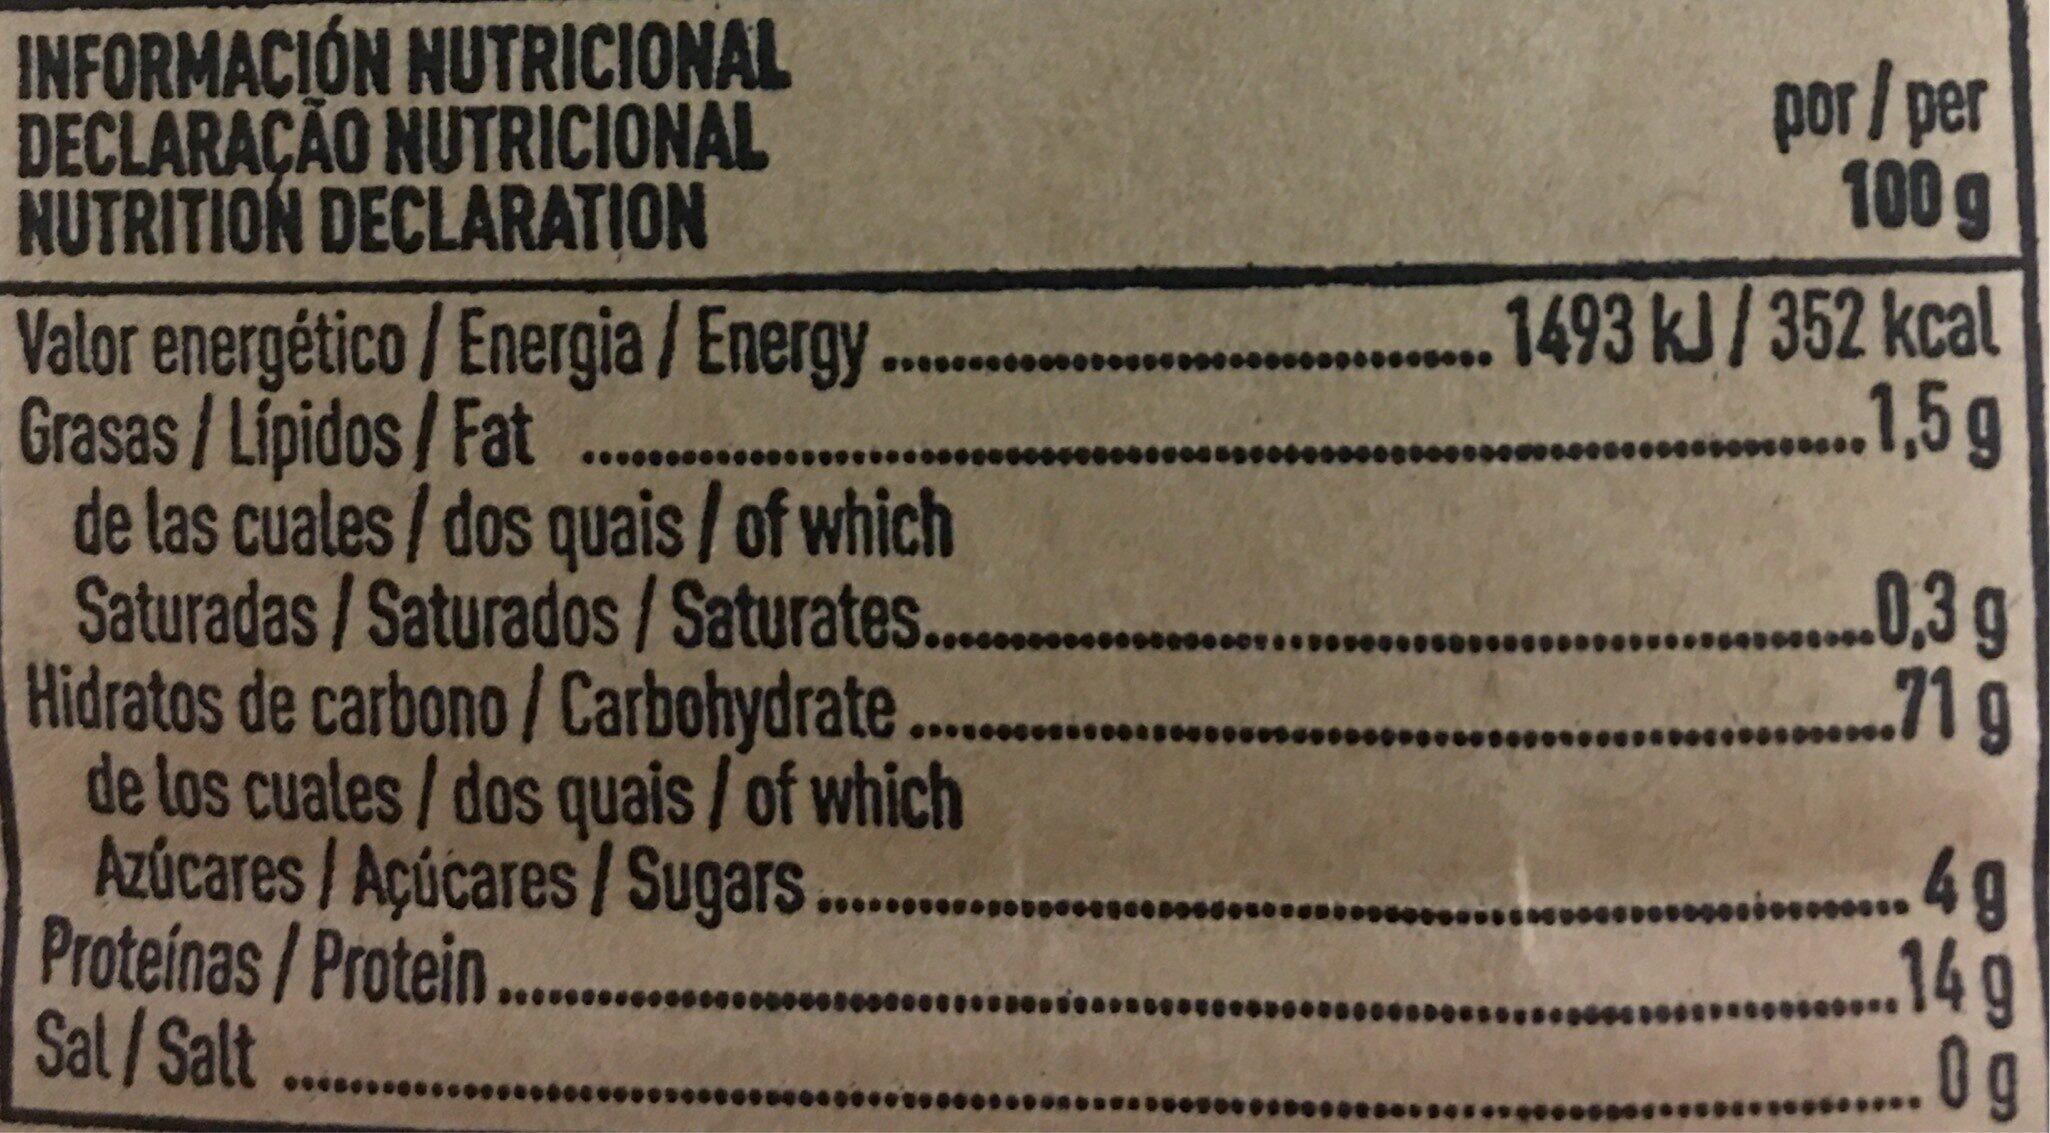 Pasta de sémola de trigo duro - Nutrition facts - es